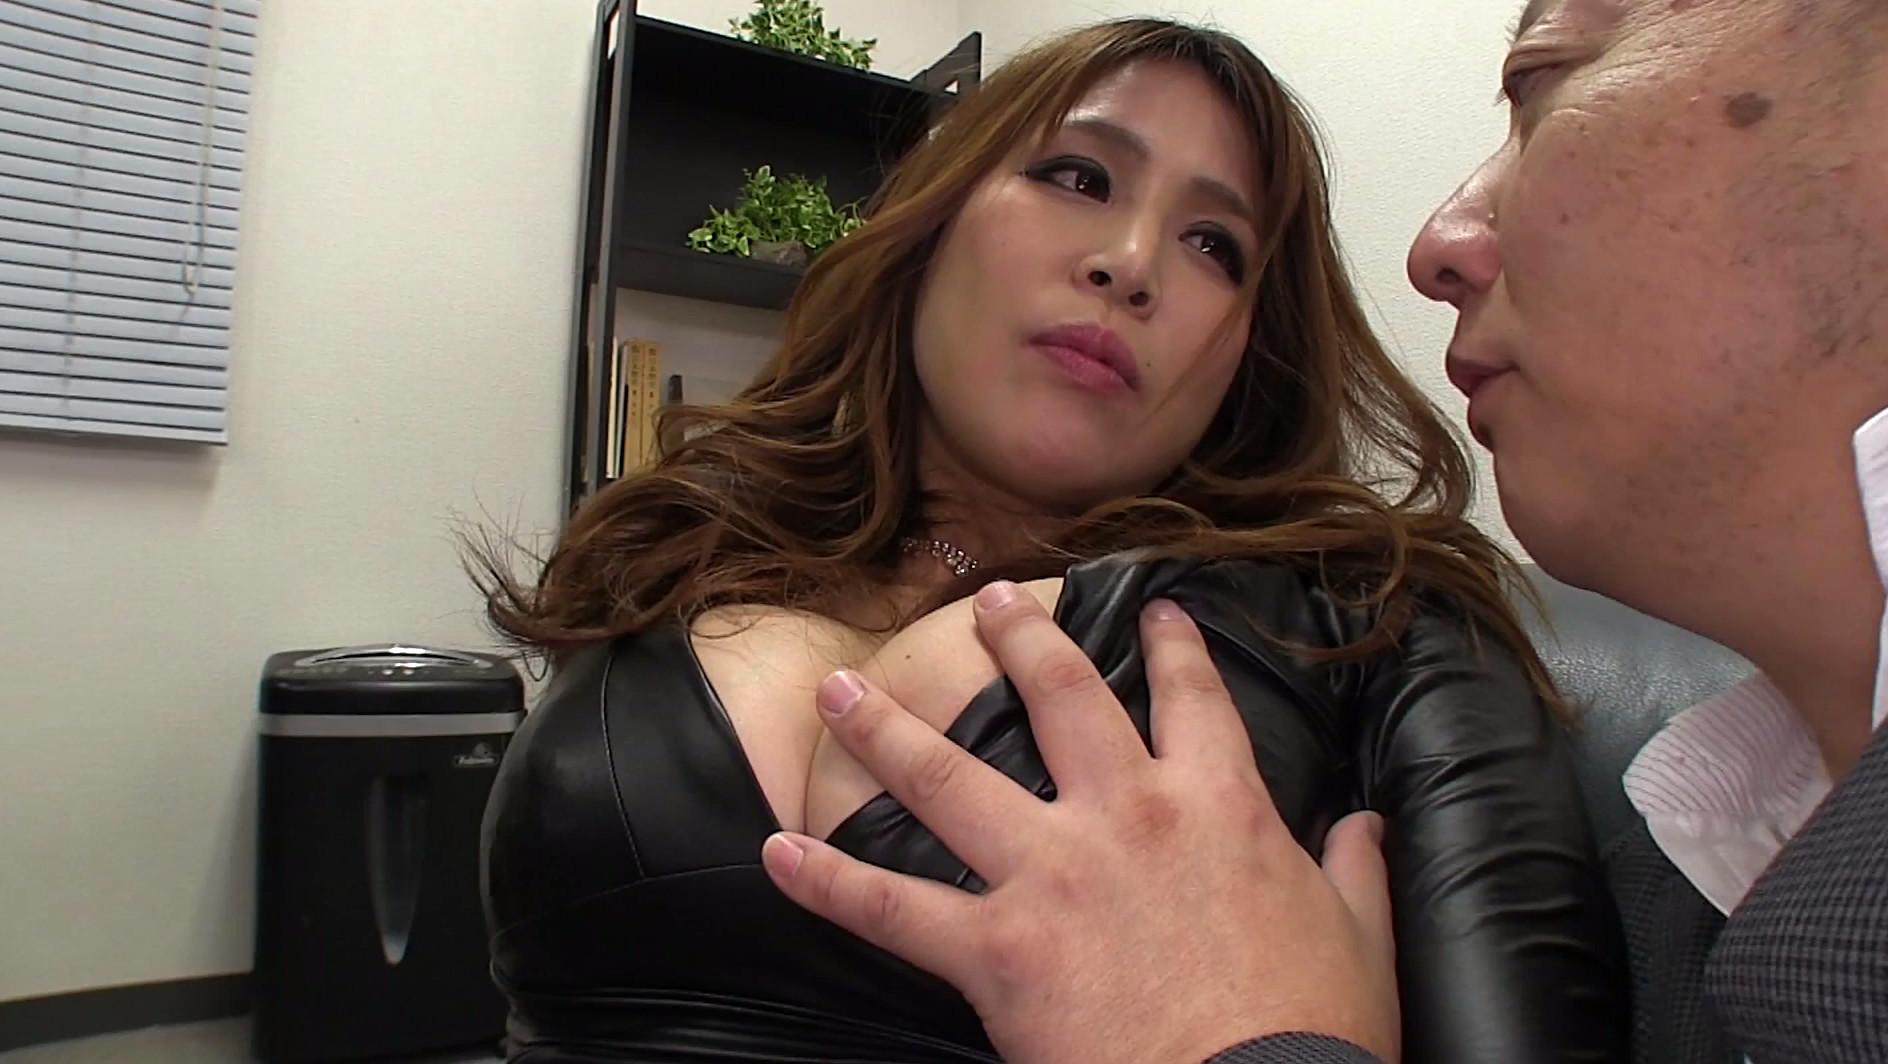 スタッフを見下す高飛車巨乳セレブモデルに復讐SEX